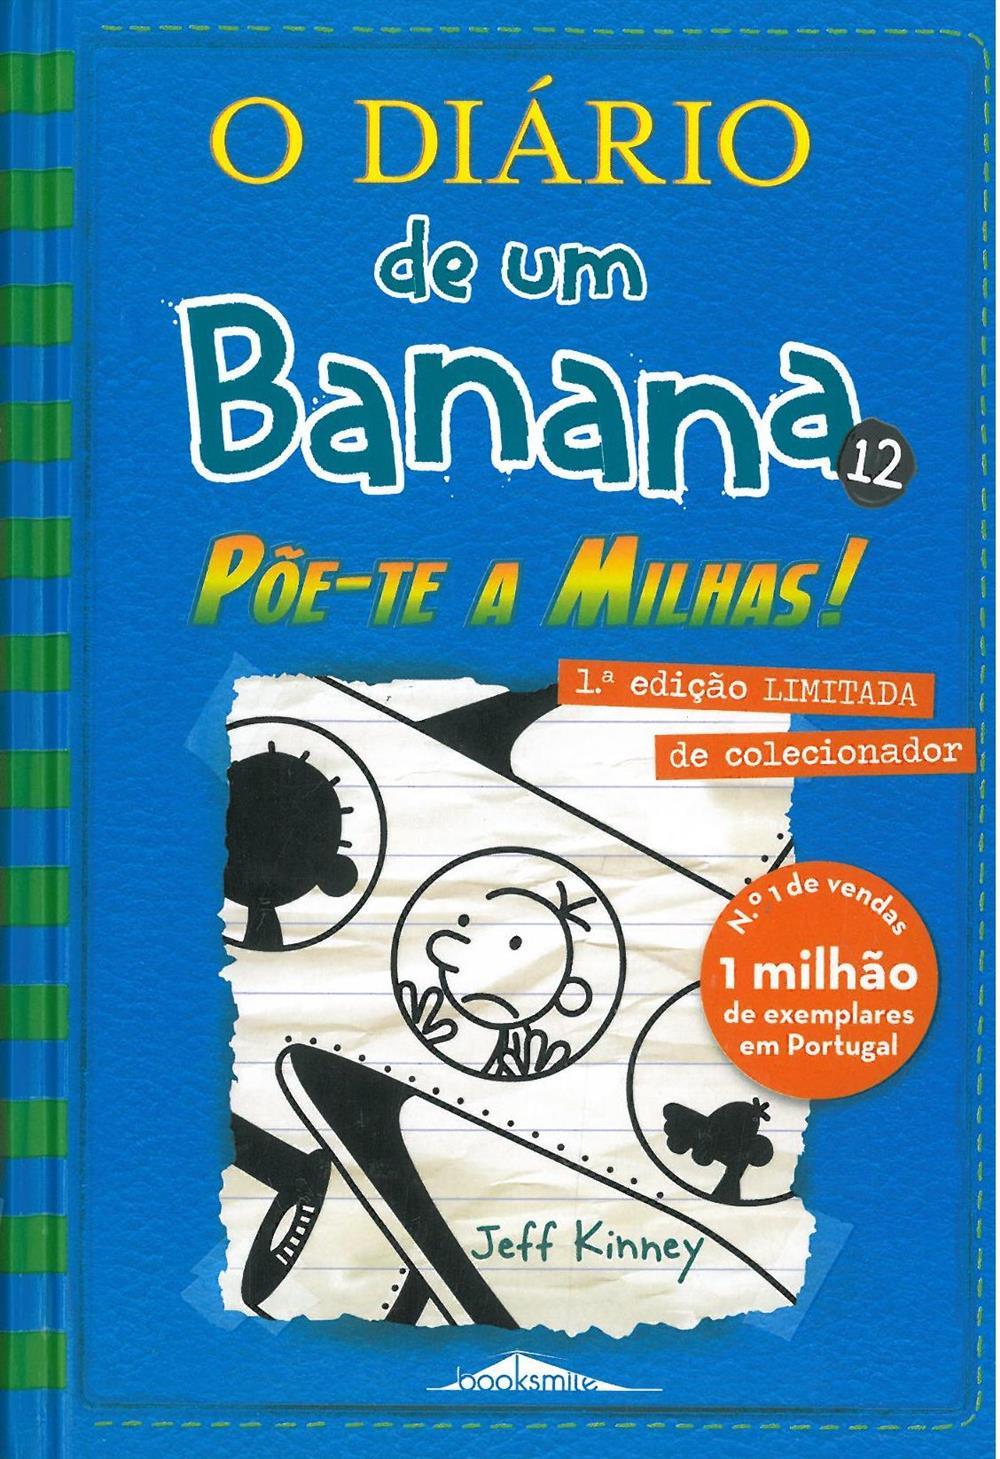 O diário de um banana 12_.jpg